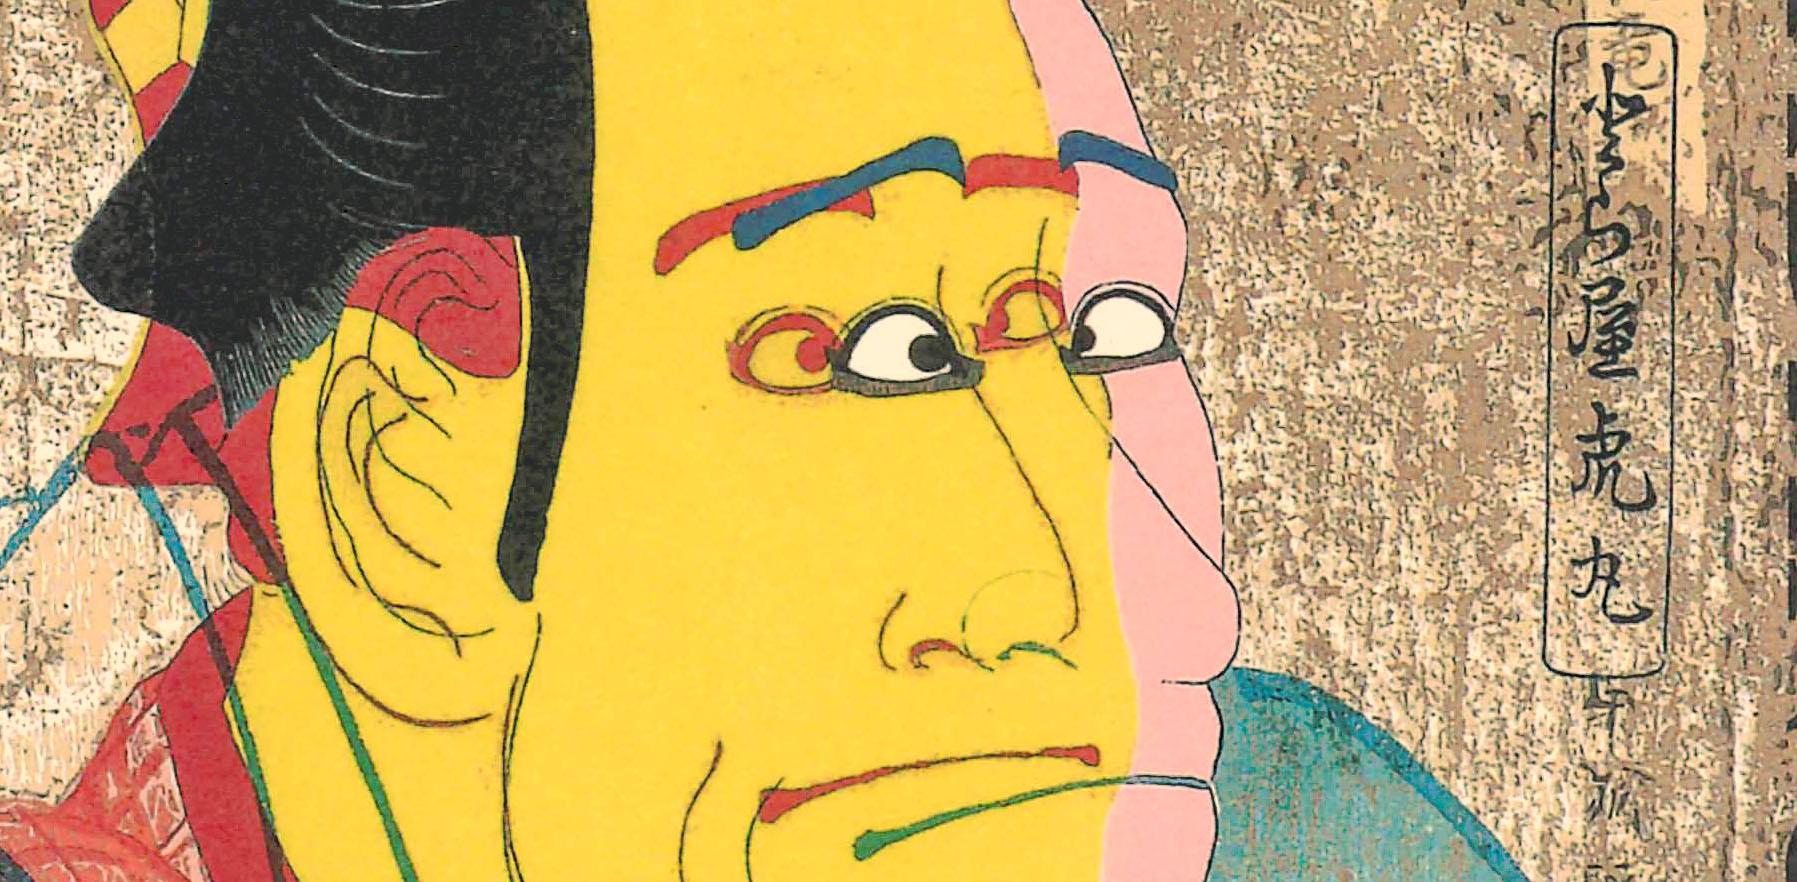 横尾忠則TADANORI YOKOO SLIP OFF SLIP WITH MASK PORTRAIT